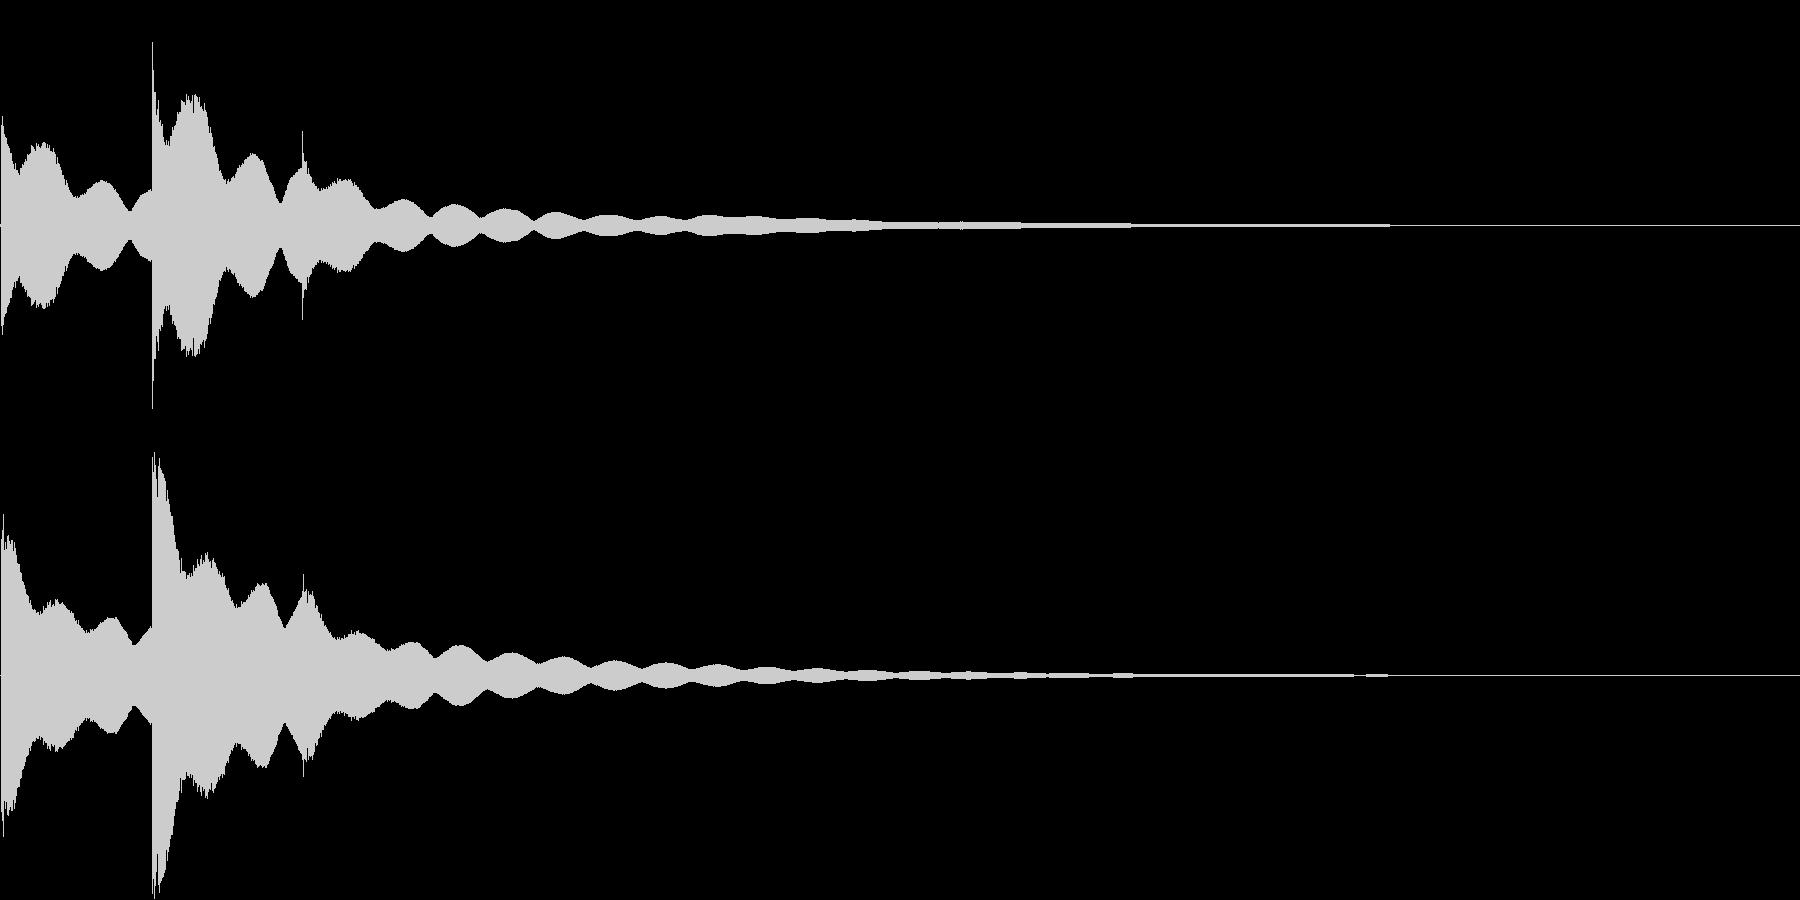 チーンチーン 仏壇の鐘の音6の未再生の波形